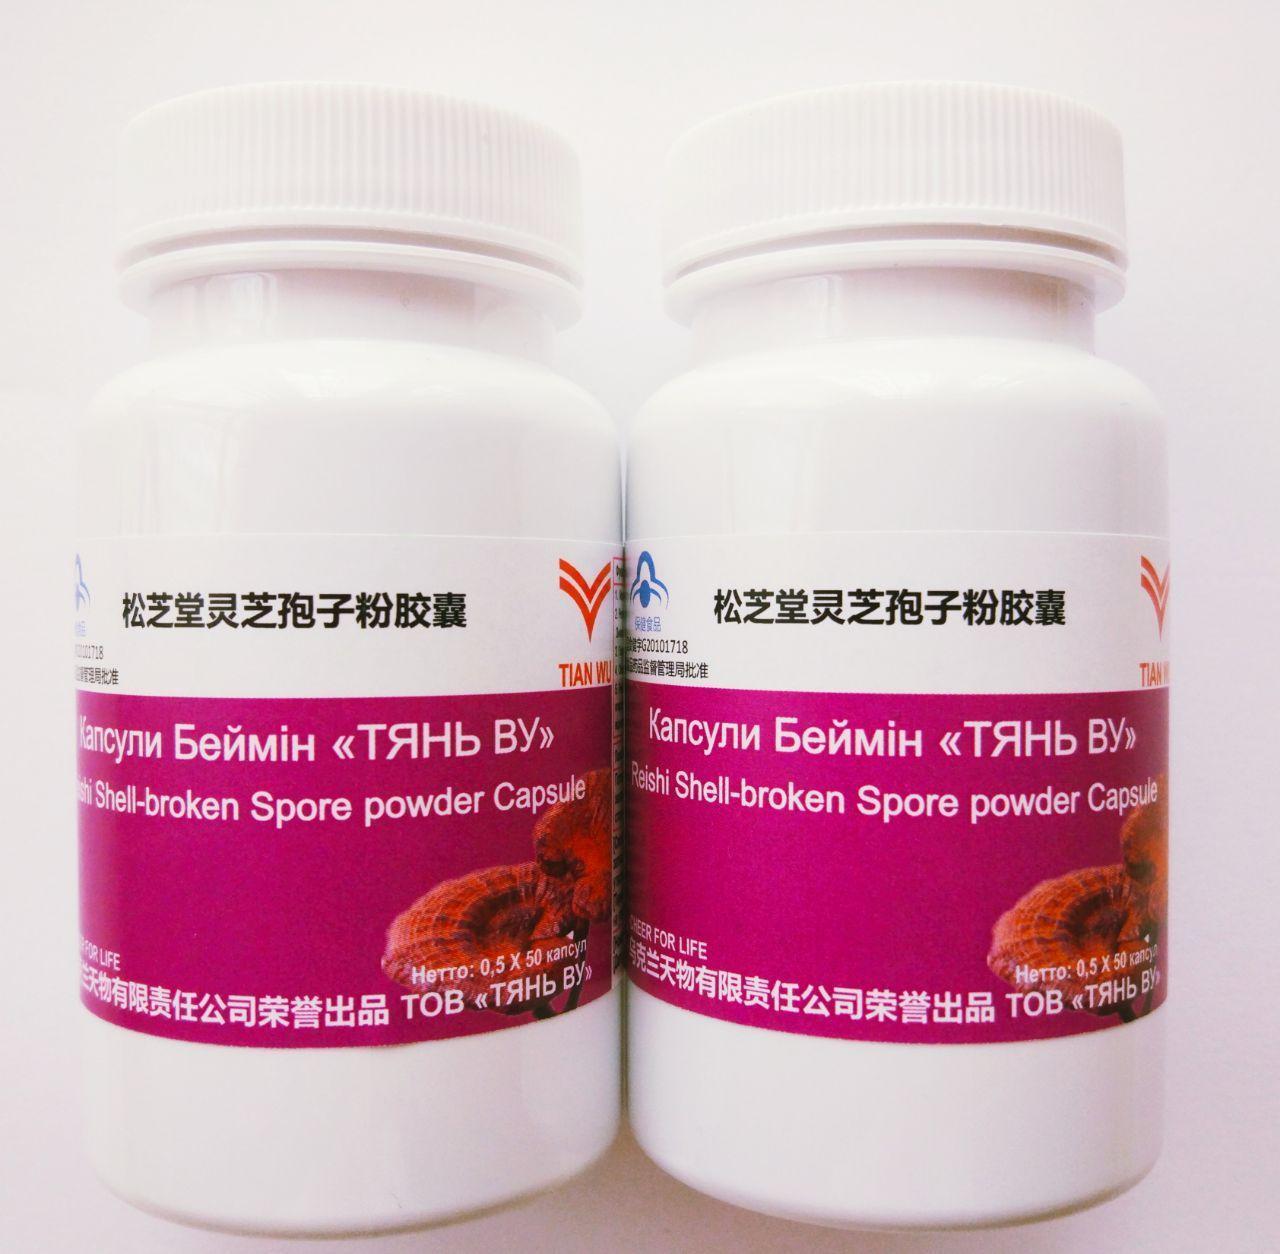 Капсулы Беймин - линчжи, 50 капсул BIO Tian Wu (Тянь Ву) споровый порошок, лечебные грибы, ганодерма, рейши